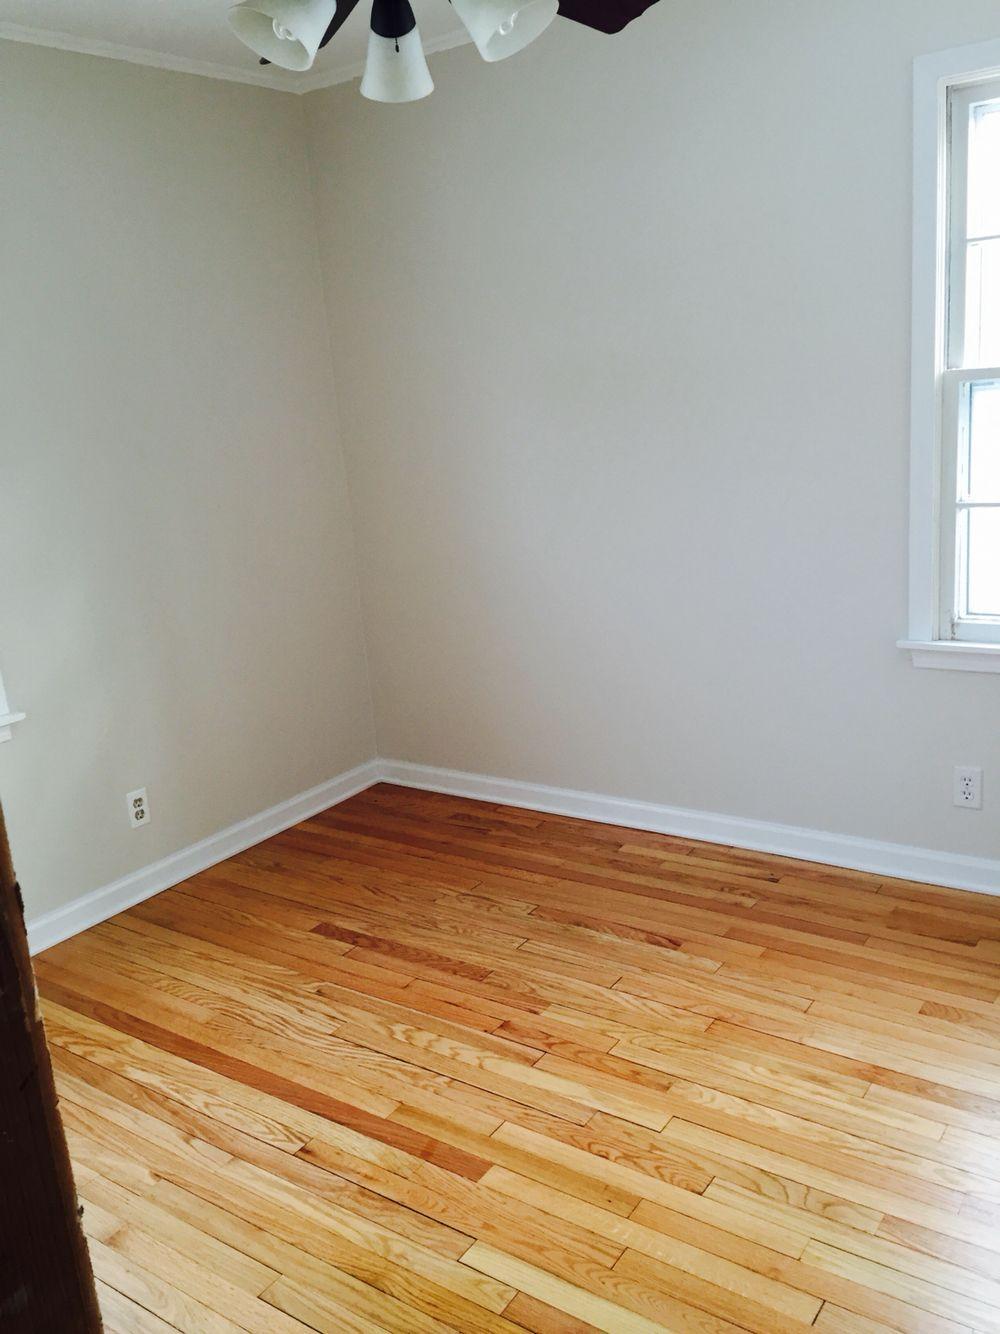 Sea Pearl Benjamin Moore Living Room Room Paint Colors